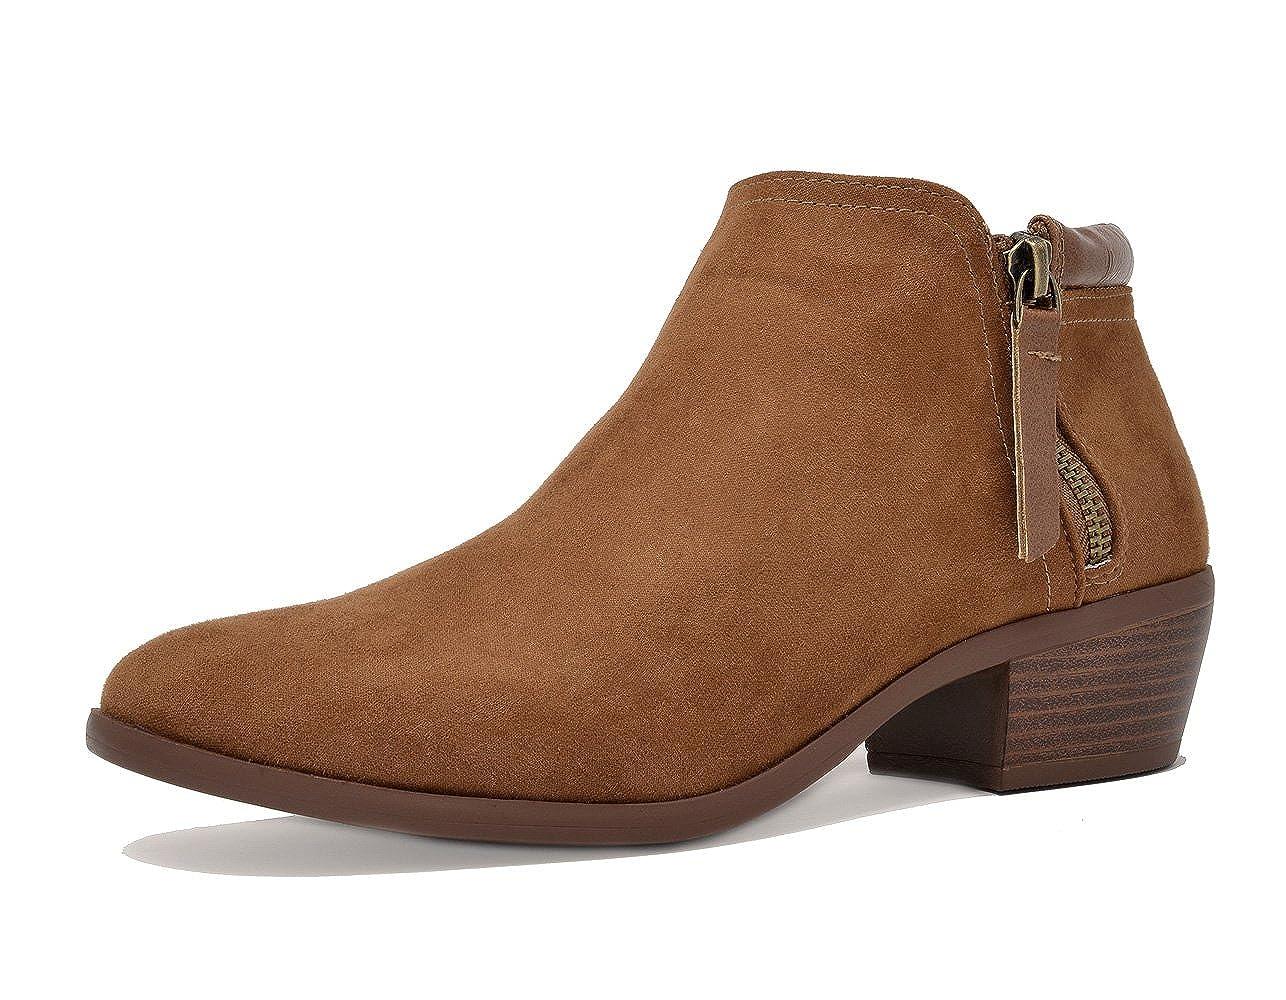 02-TAN TOETOS Women's Cowboy Block Heel Side Zipper Ankle Booties